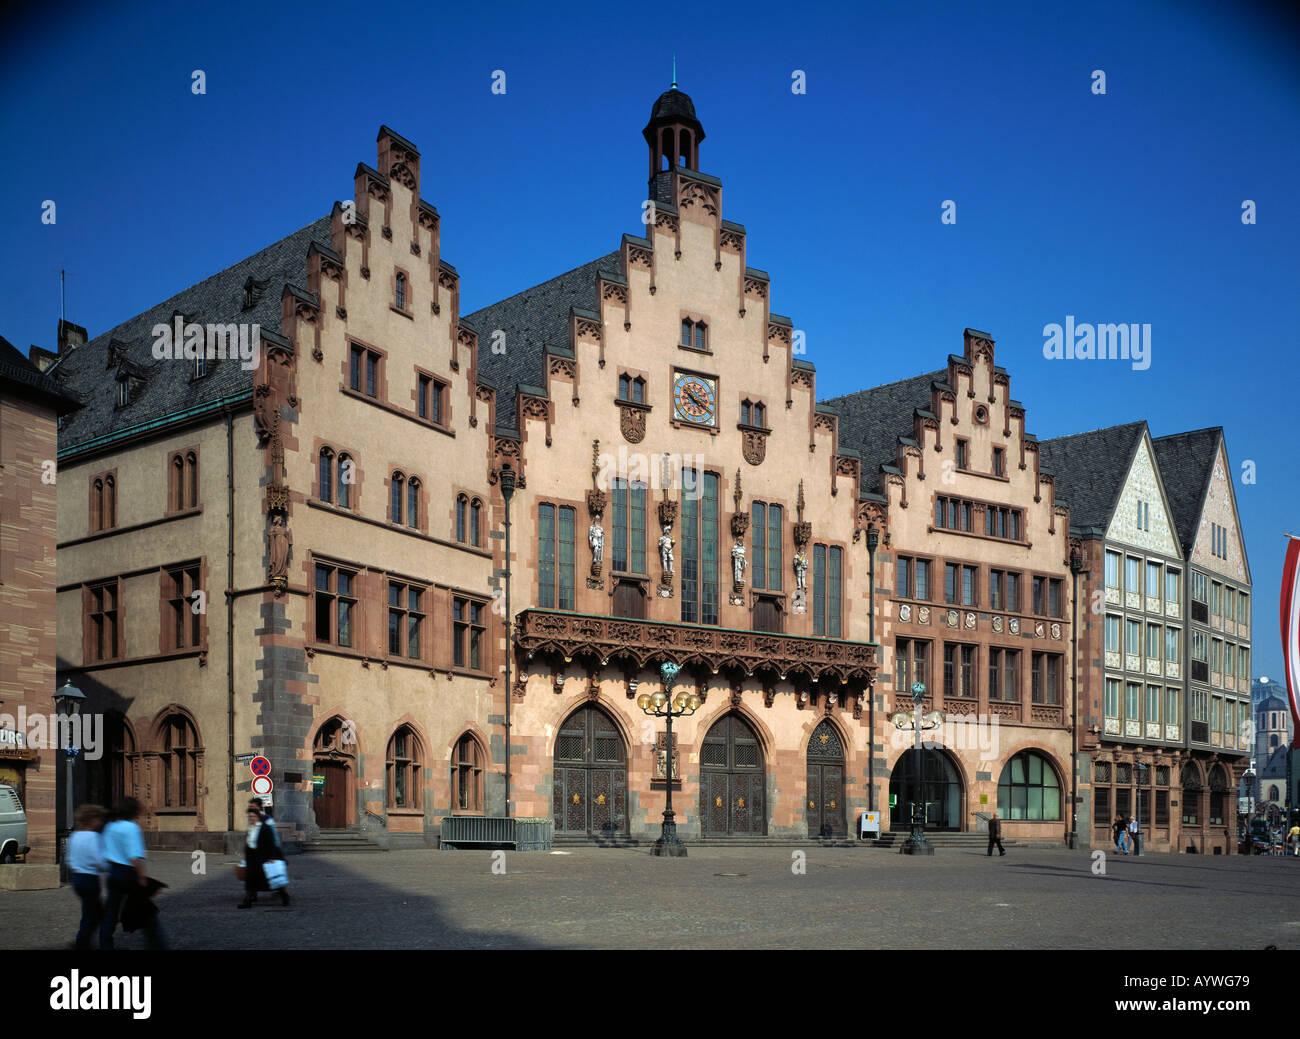 treppengiebel stufengiebel roemer in frankfurt am main hessen stockfoto lizenzfreies bild. Black Bedroom Furniture Sets. Home Design Ideas